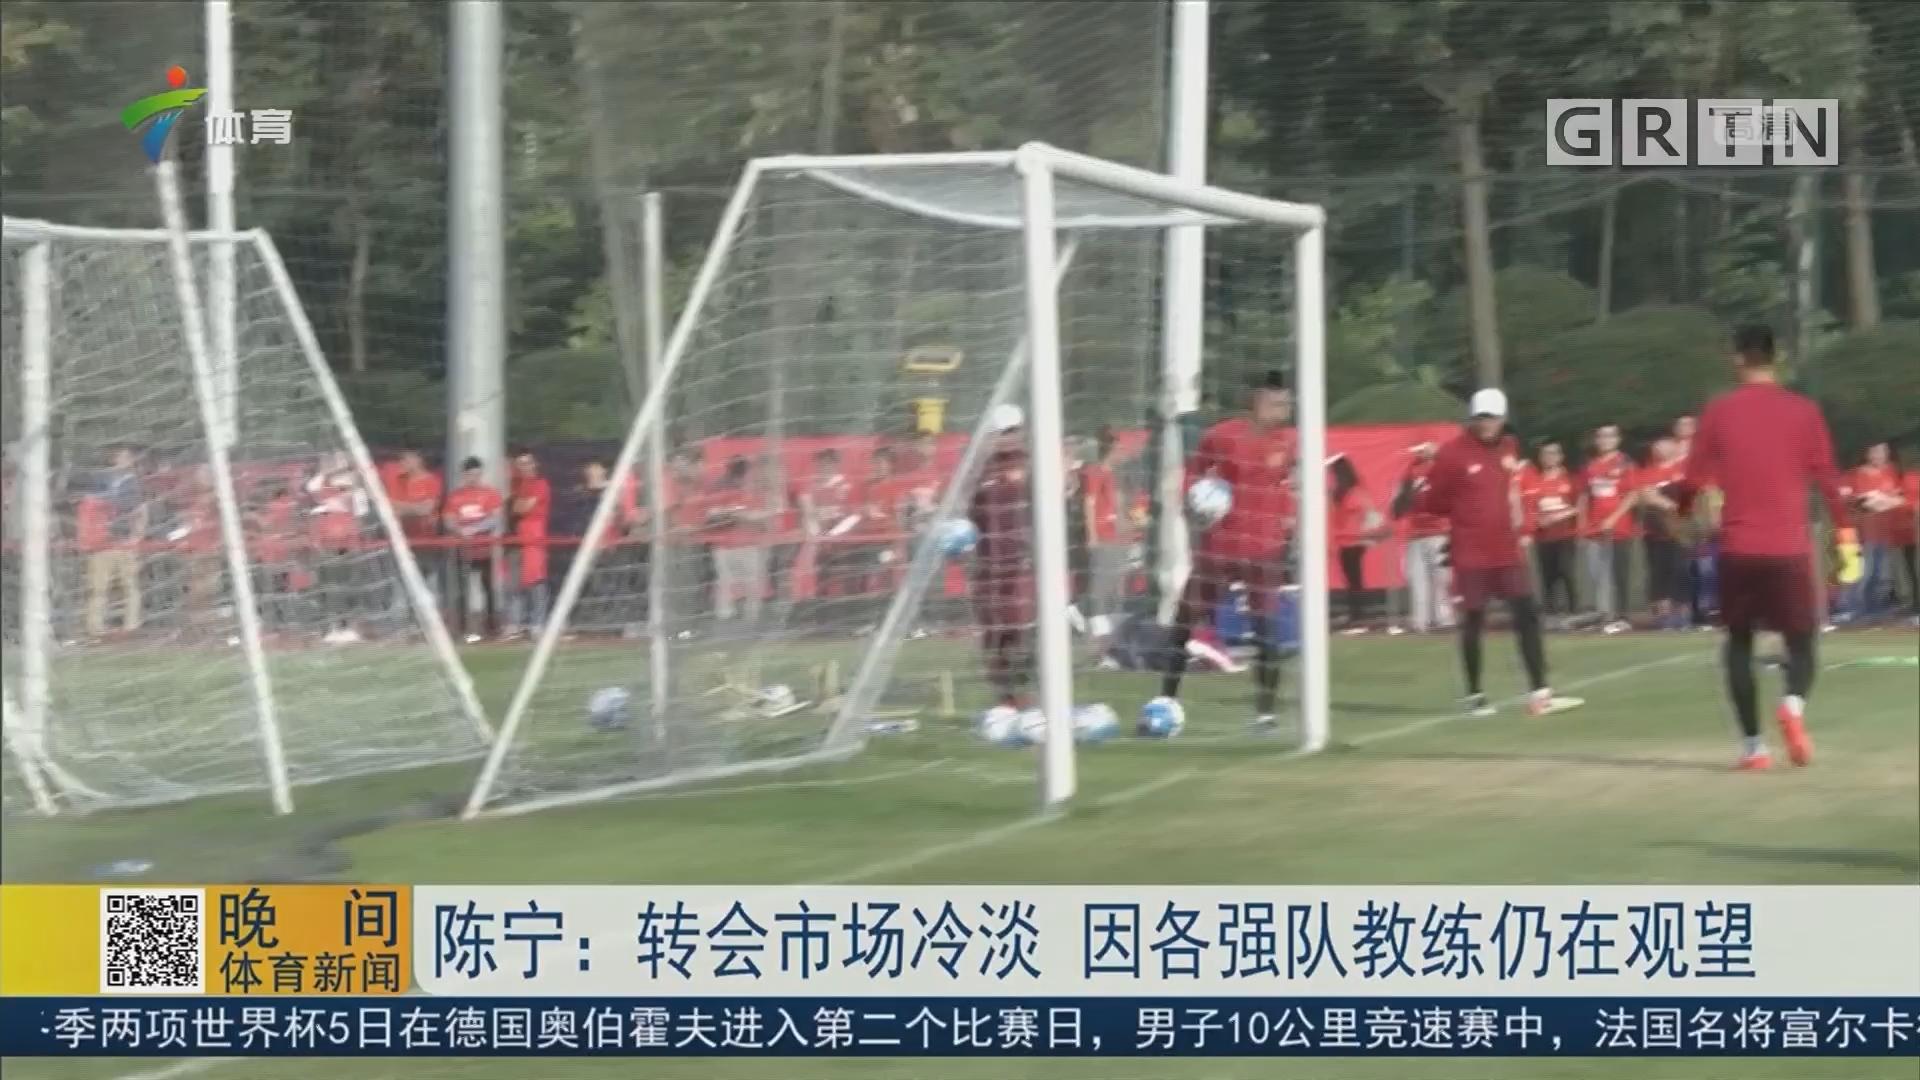 陈宁:转会市场冷淡 因各强队教练仍在观望